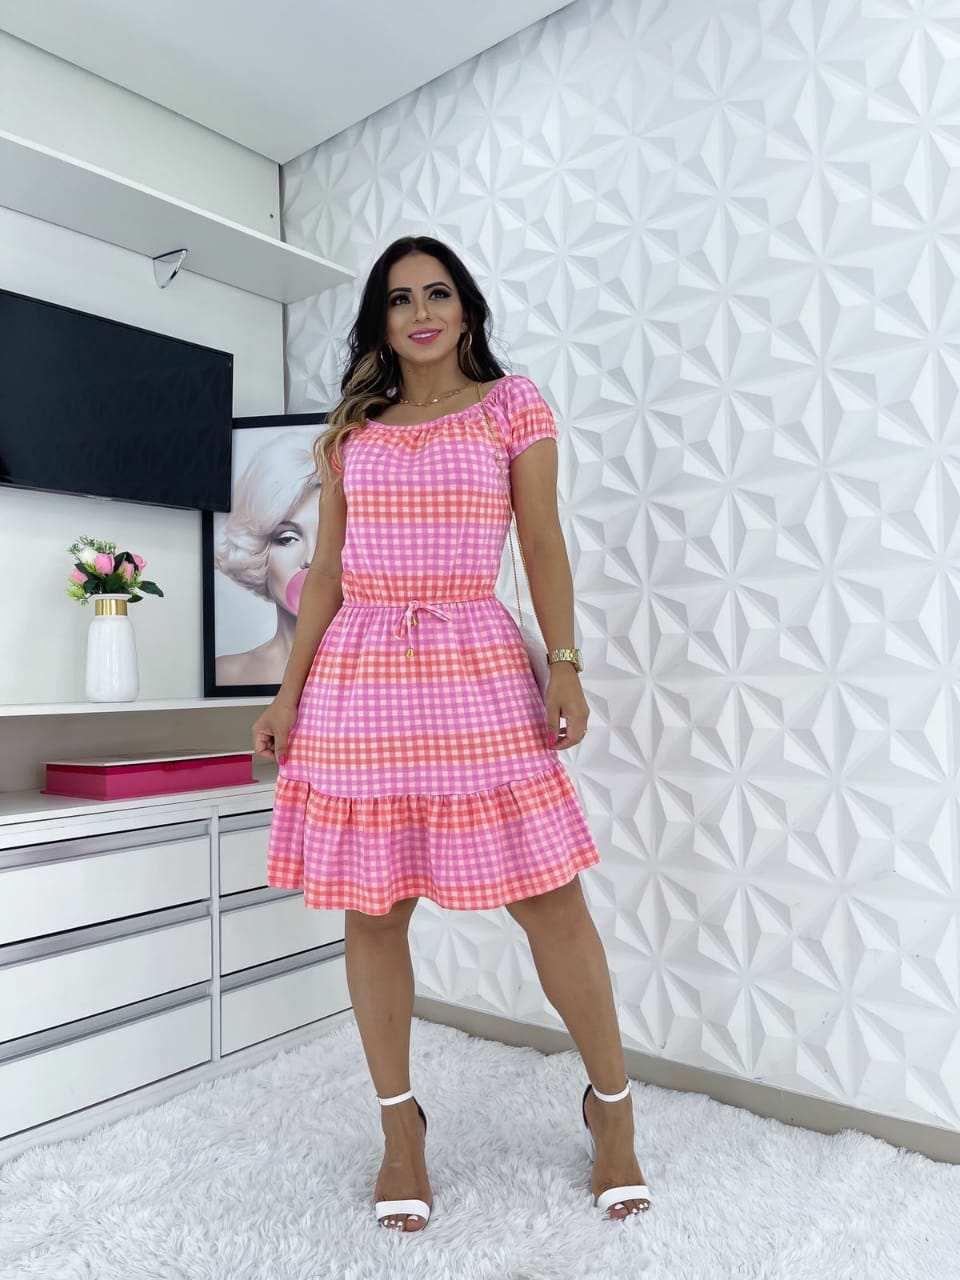 VESTIDO BLUSÊ CIGANINHA ESTAMPADO  - BELLY MODA